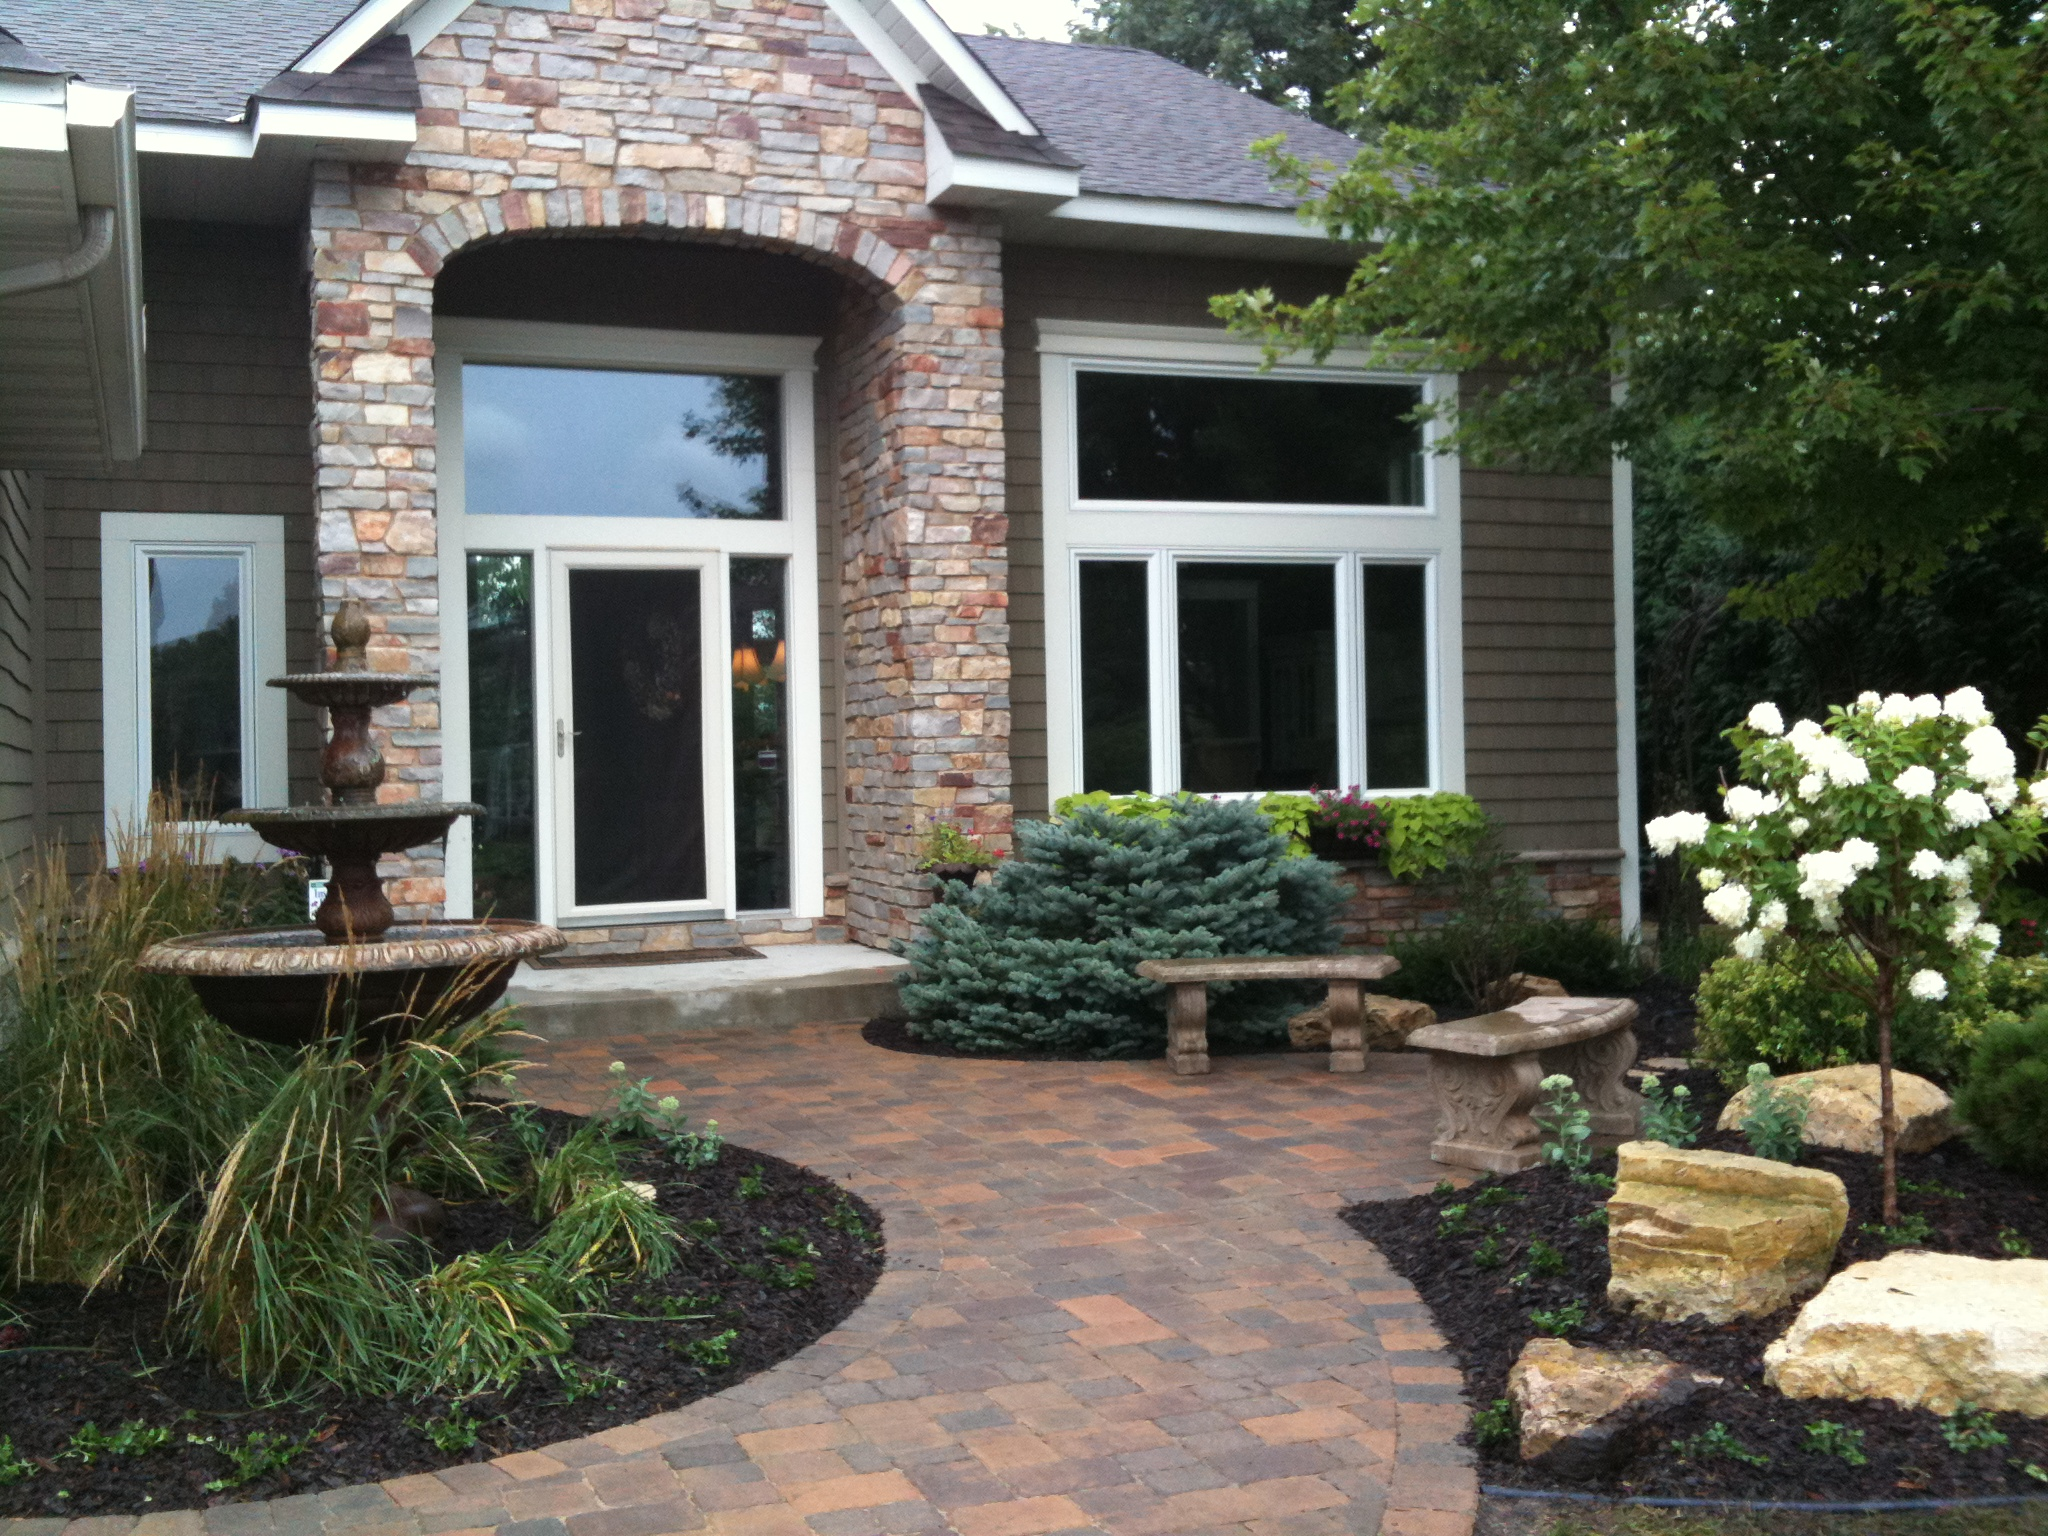 apple valley exterior design